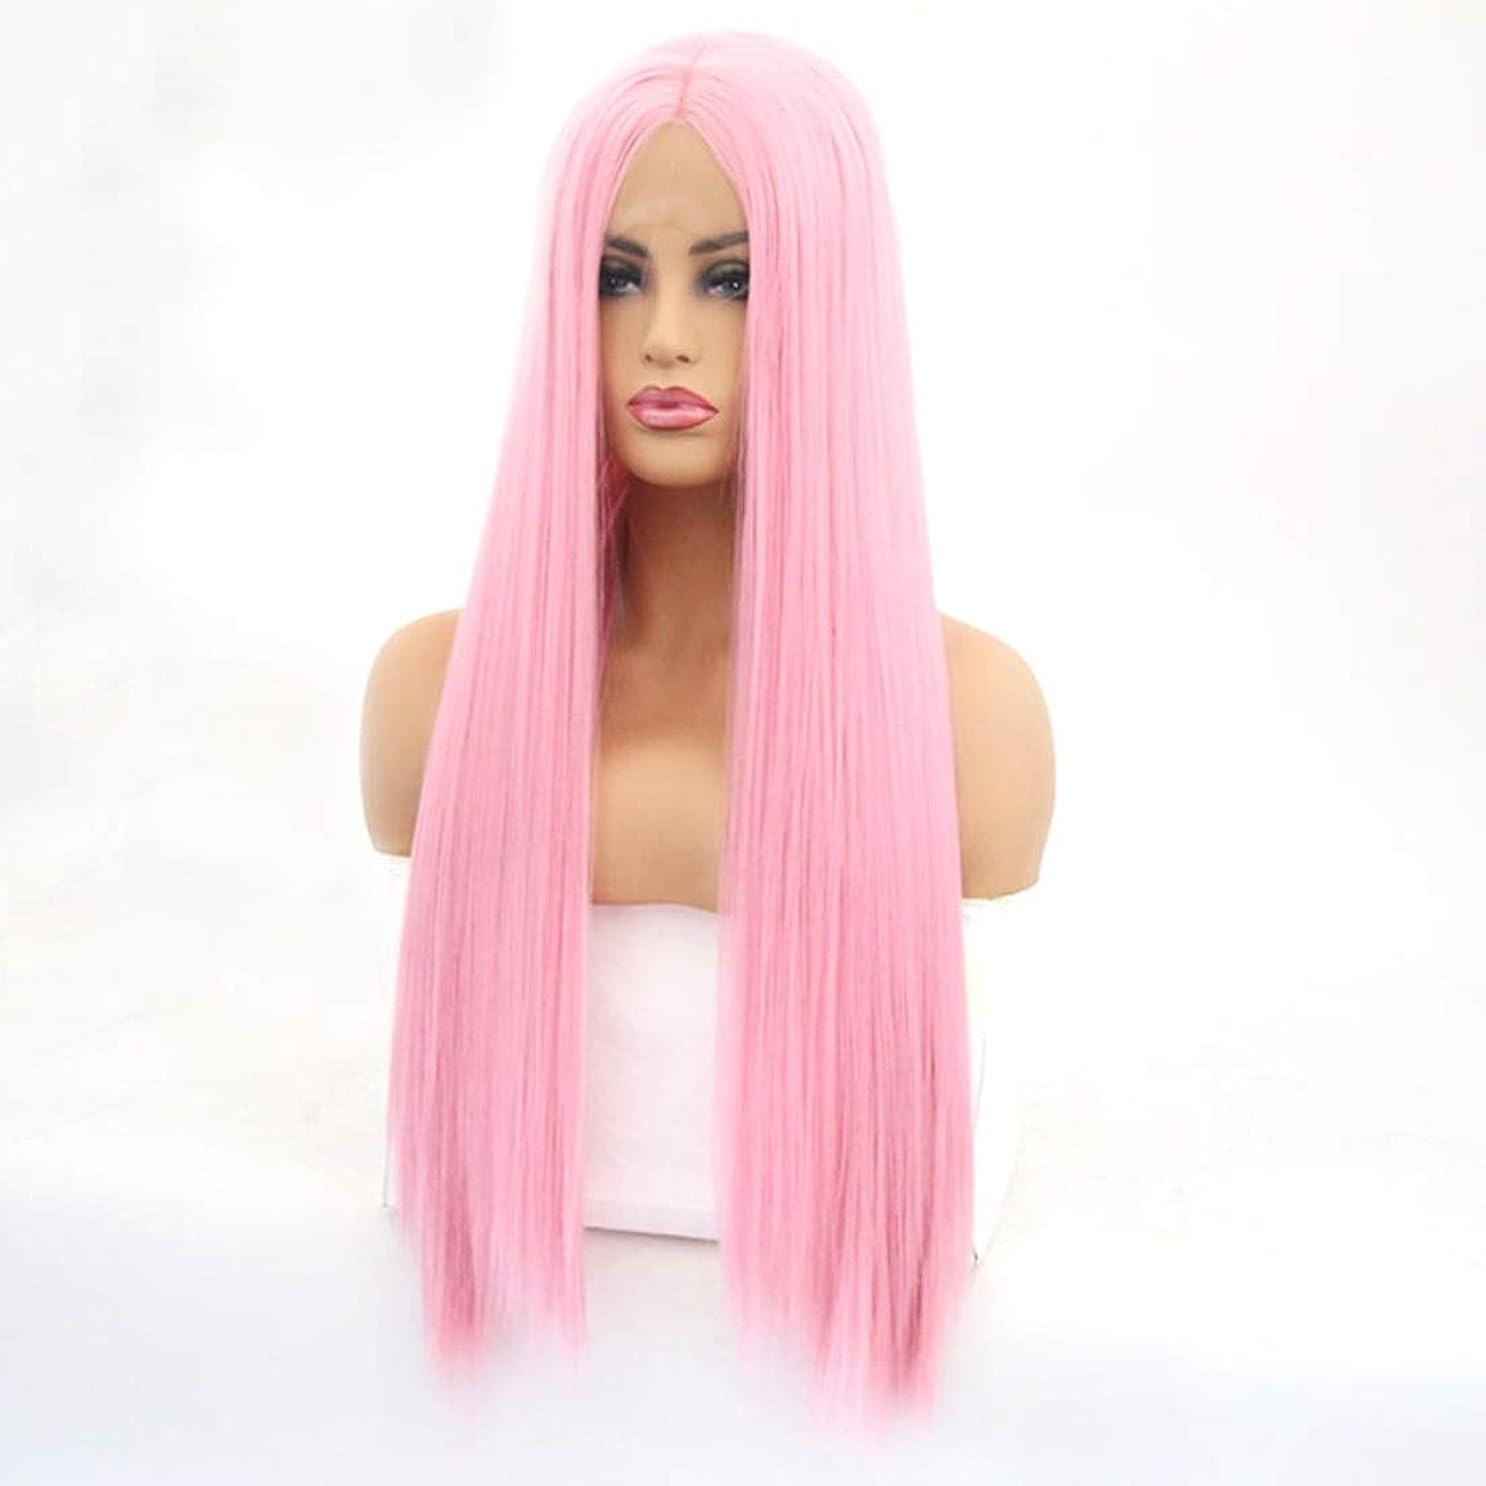 タヒチキャプション邪魔Summerys 女性のための長いストレートの波状のかつらかつらかつら合成繊維髪かつら自然に見えるかつら